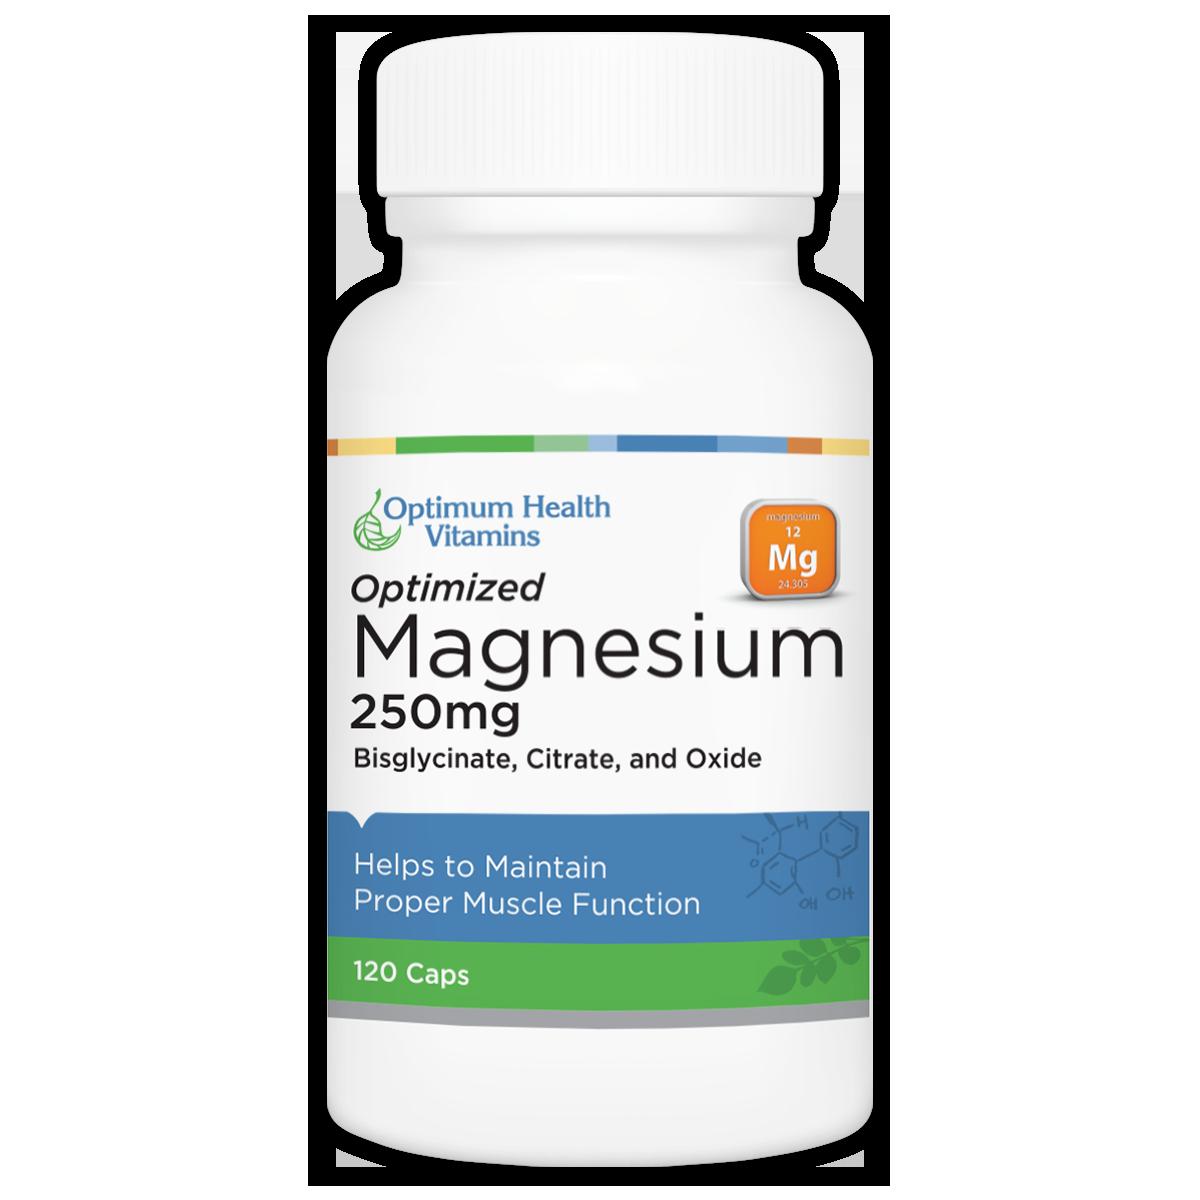 Optimized Magnesium